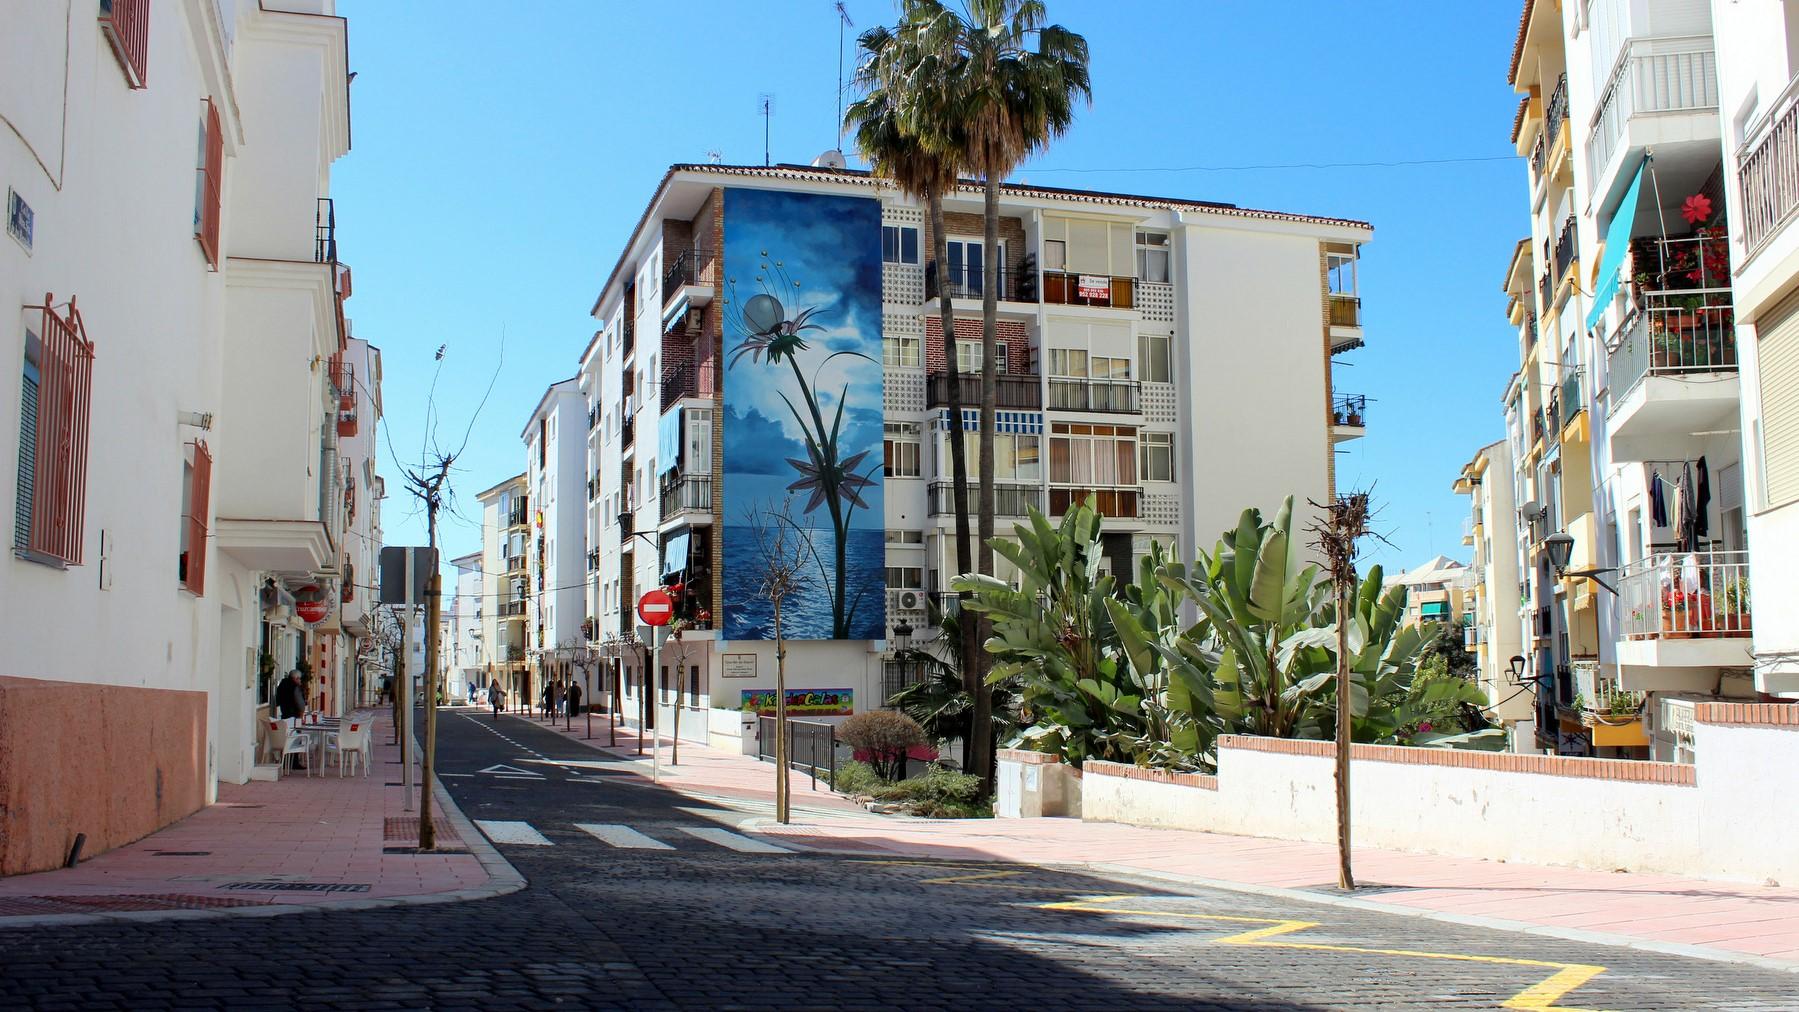 El proyecto estepona jard n de la costa del sol alcanz - El jardin del sol ...